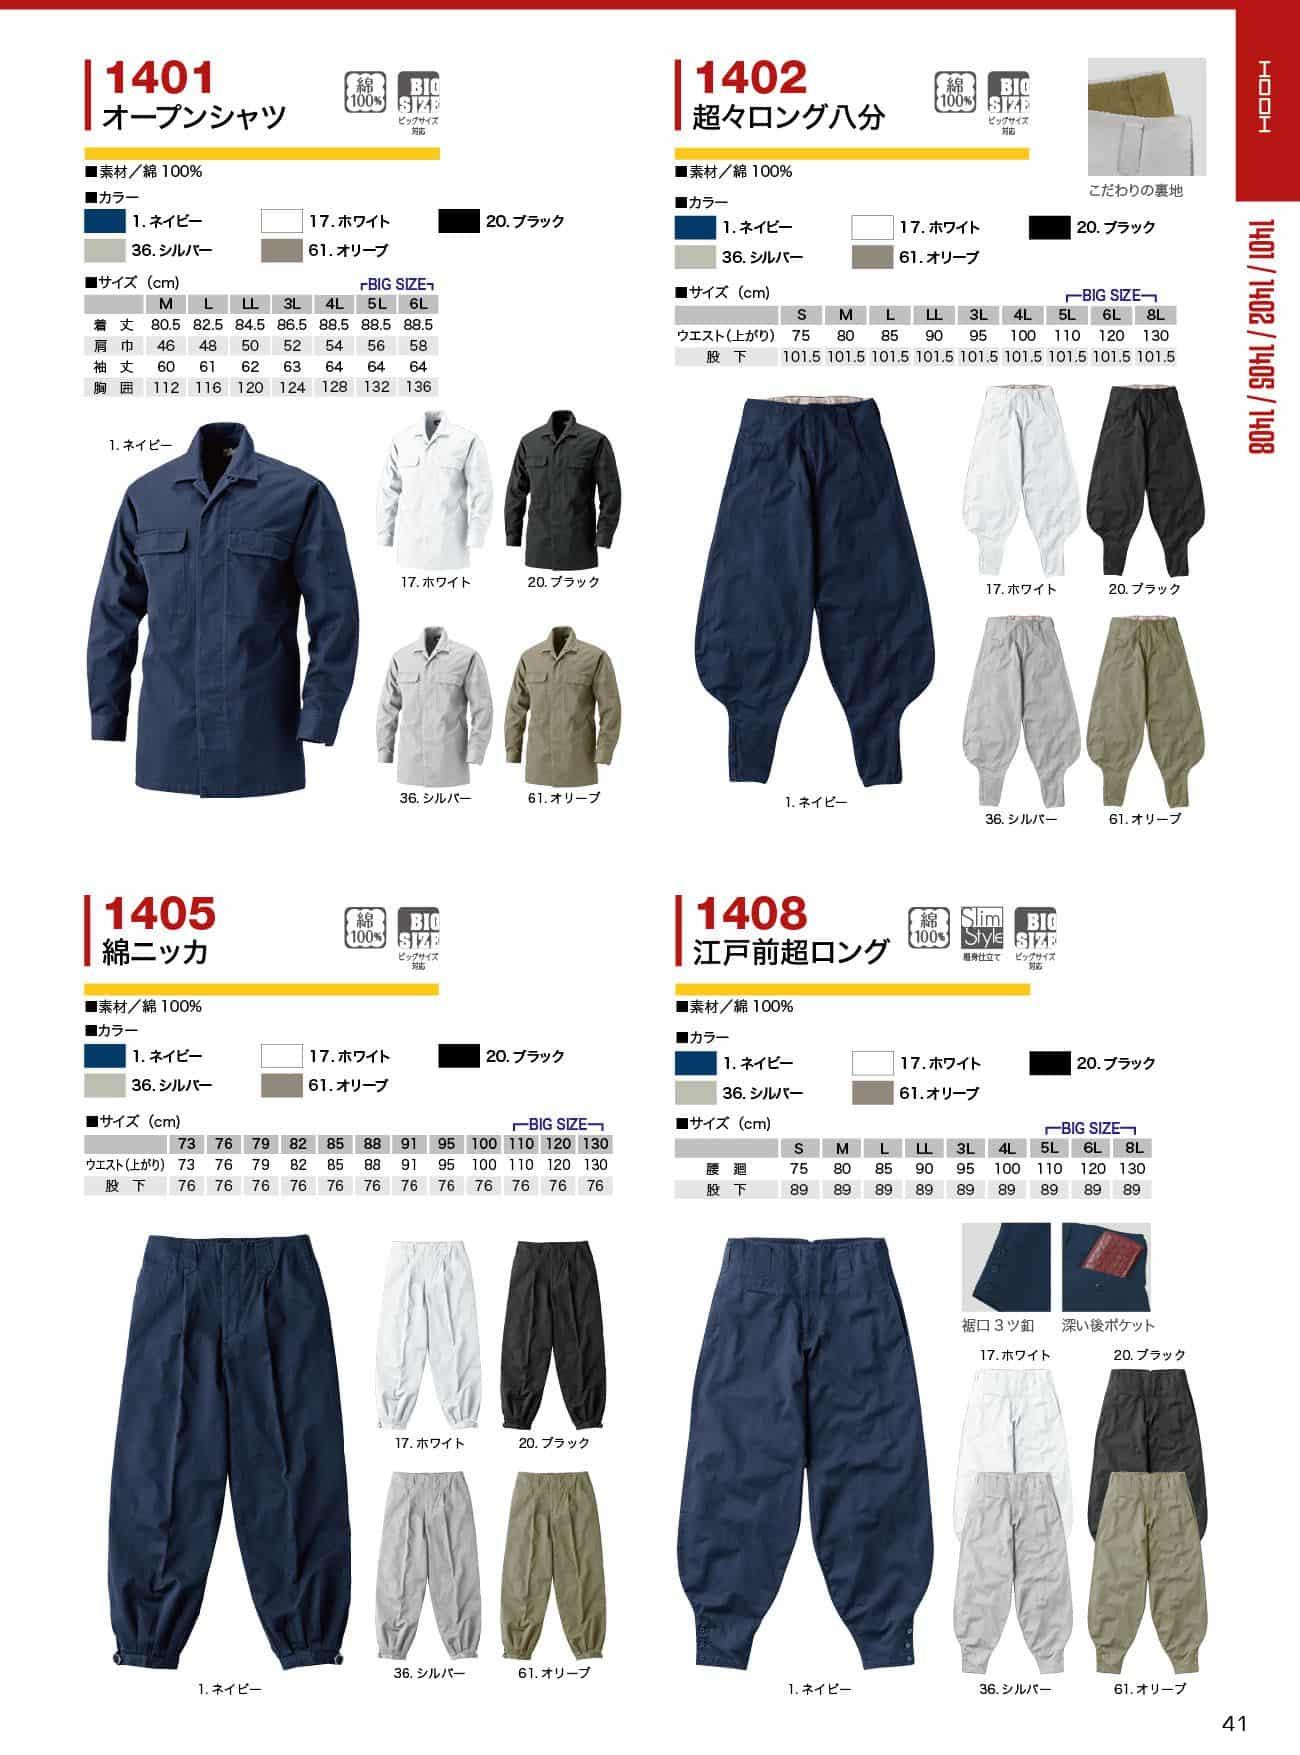 1401オープンシャツ/1402超々ロング八分/1405綿ニッカ/1408江戸前超ロング